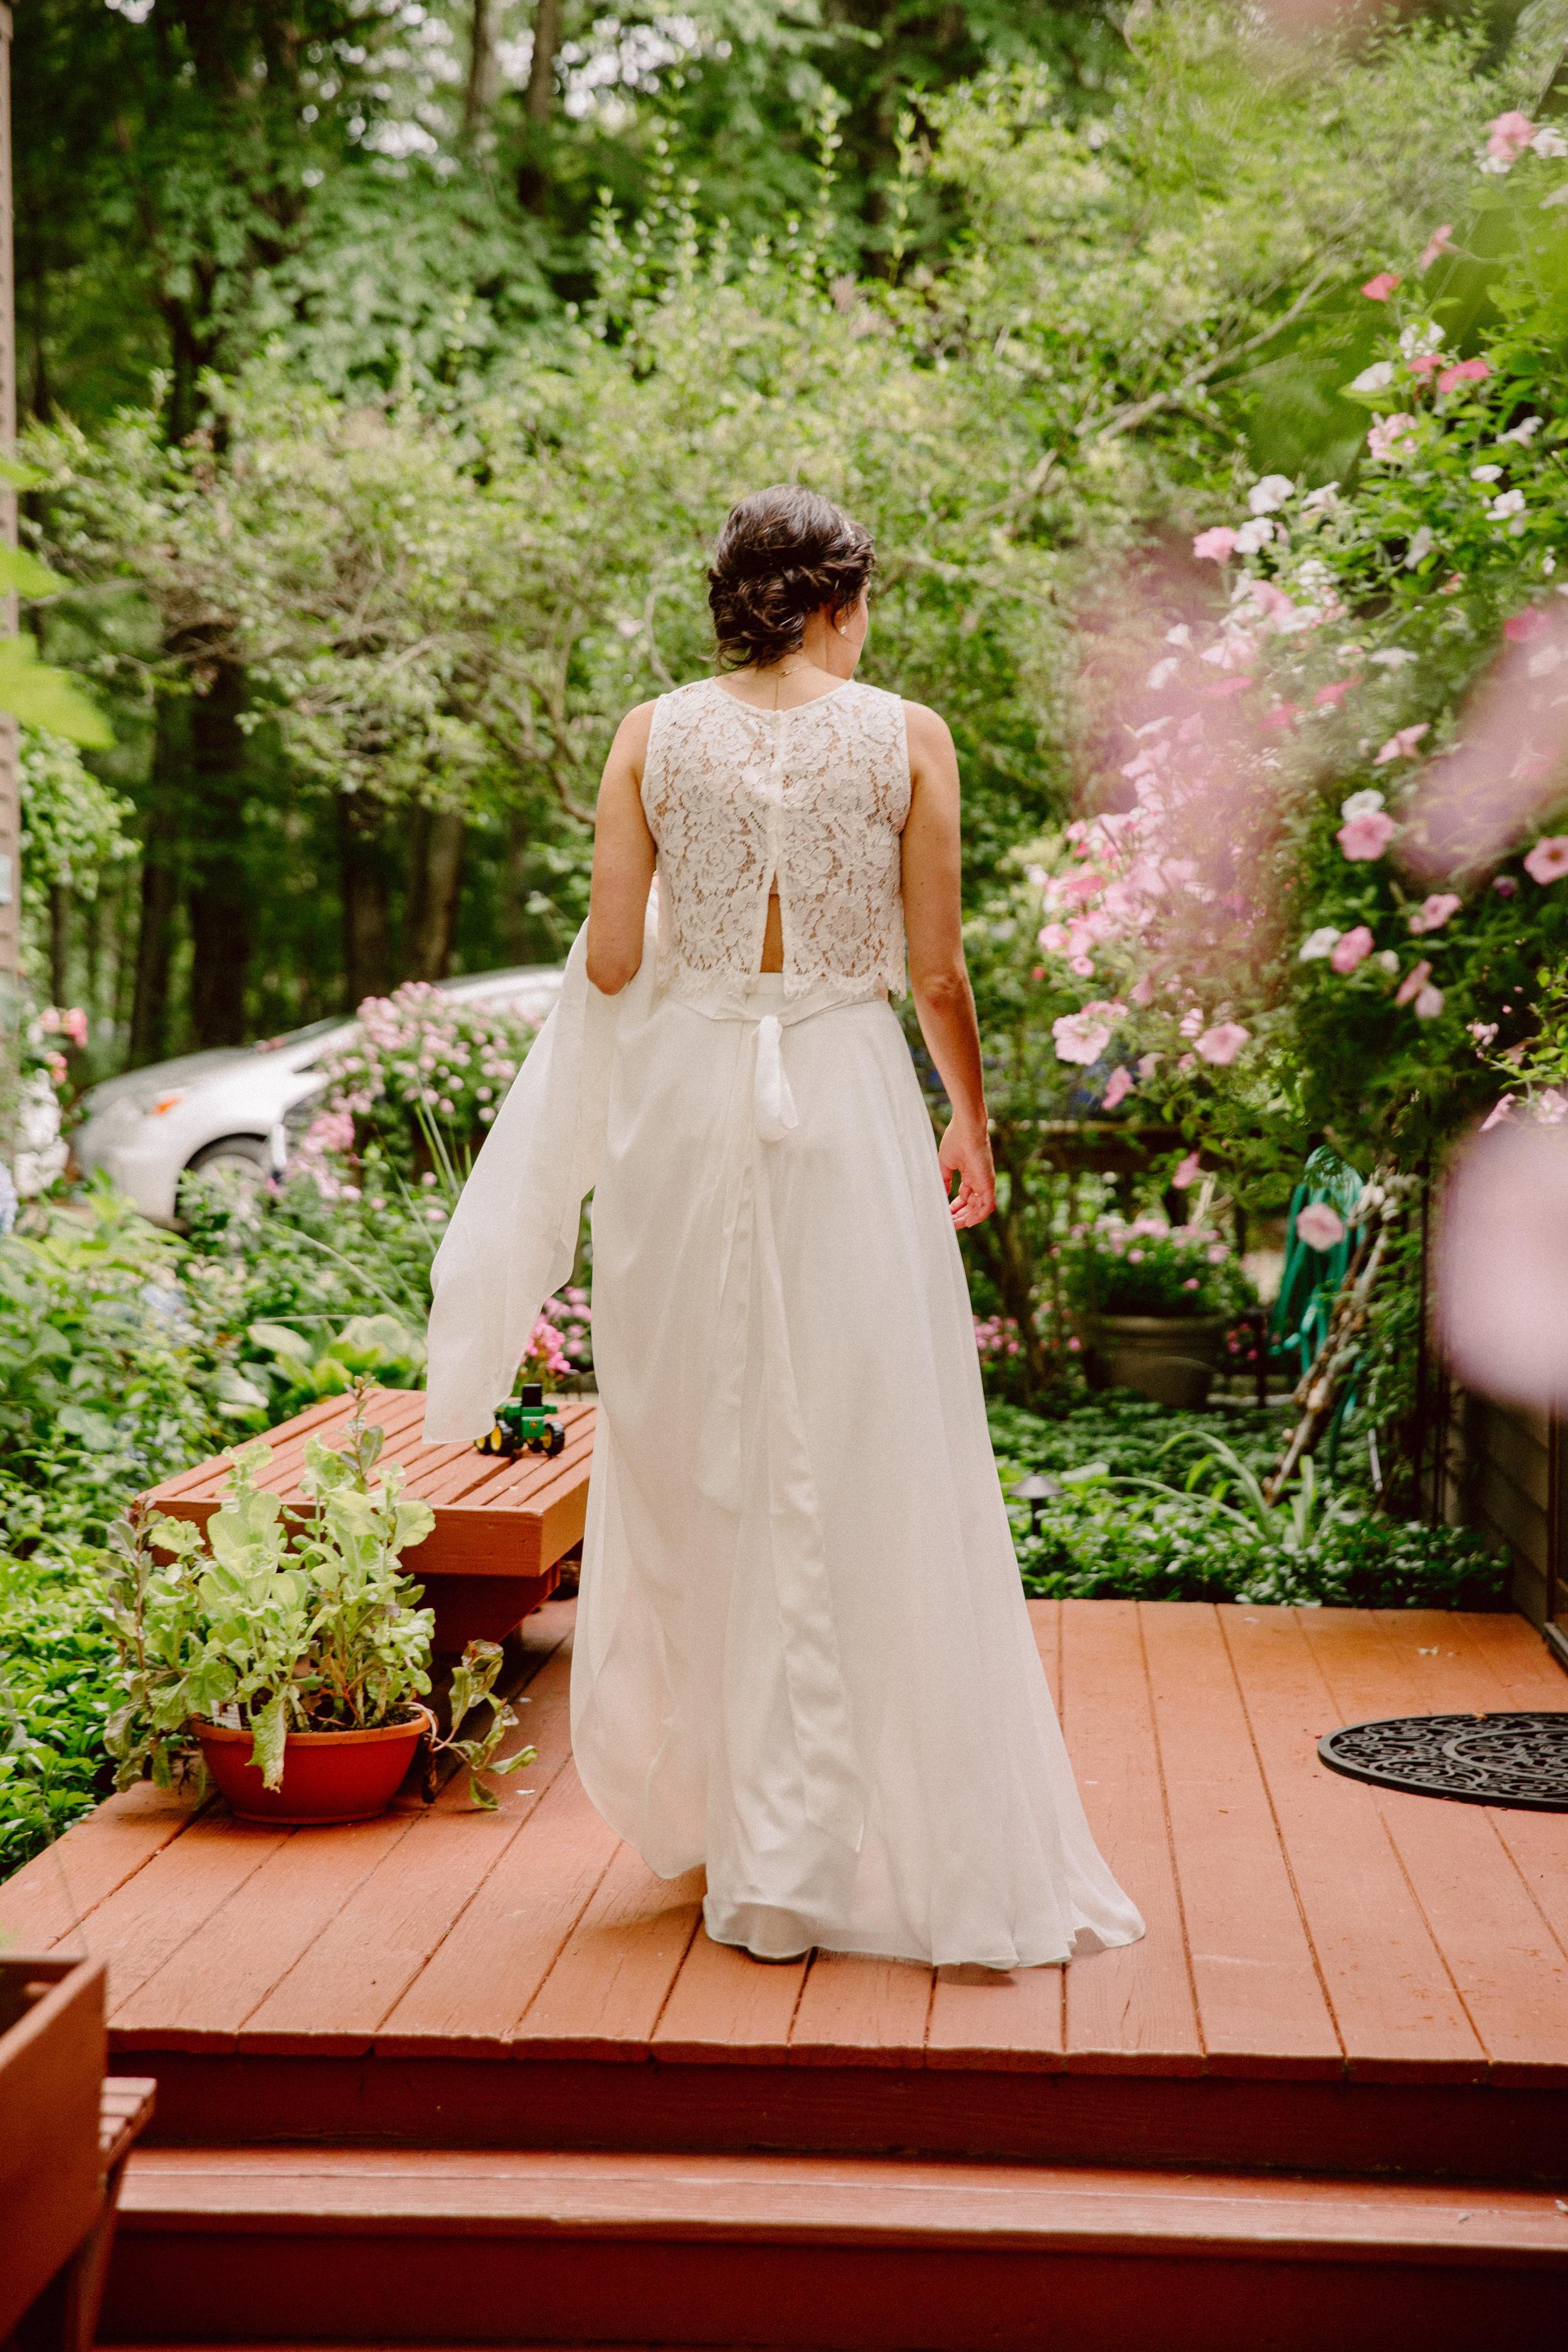 capecod_backyard_wedding_photos_mikhail_30.JPG